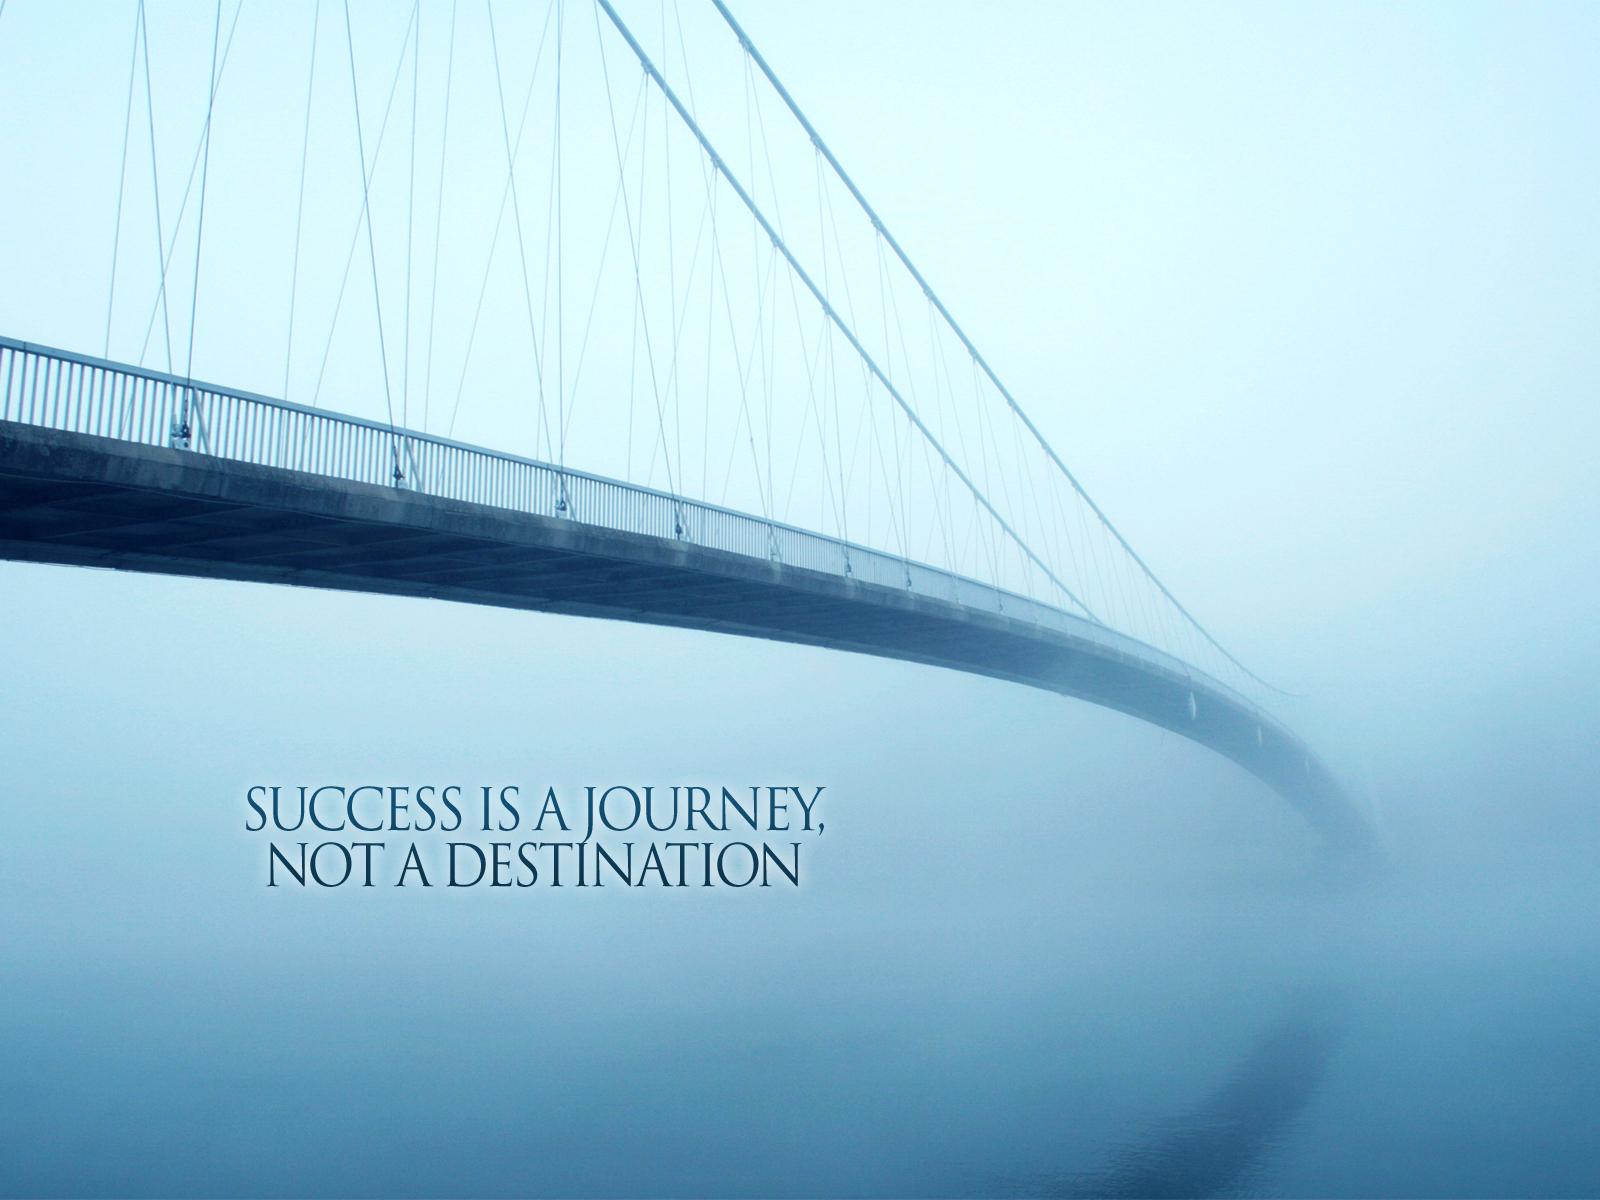 Success Journey Not Destination Quote